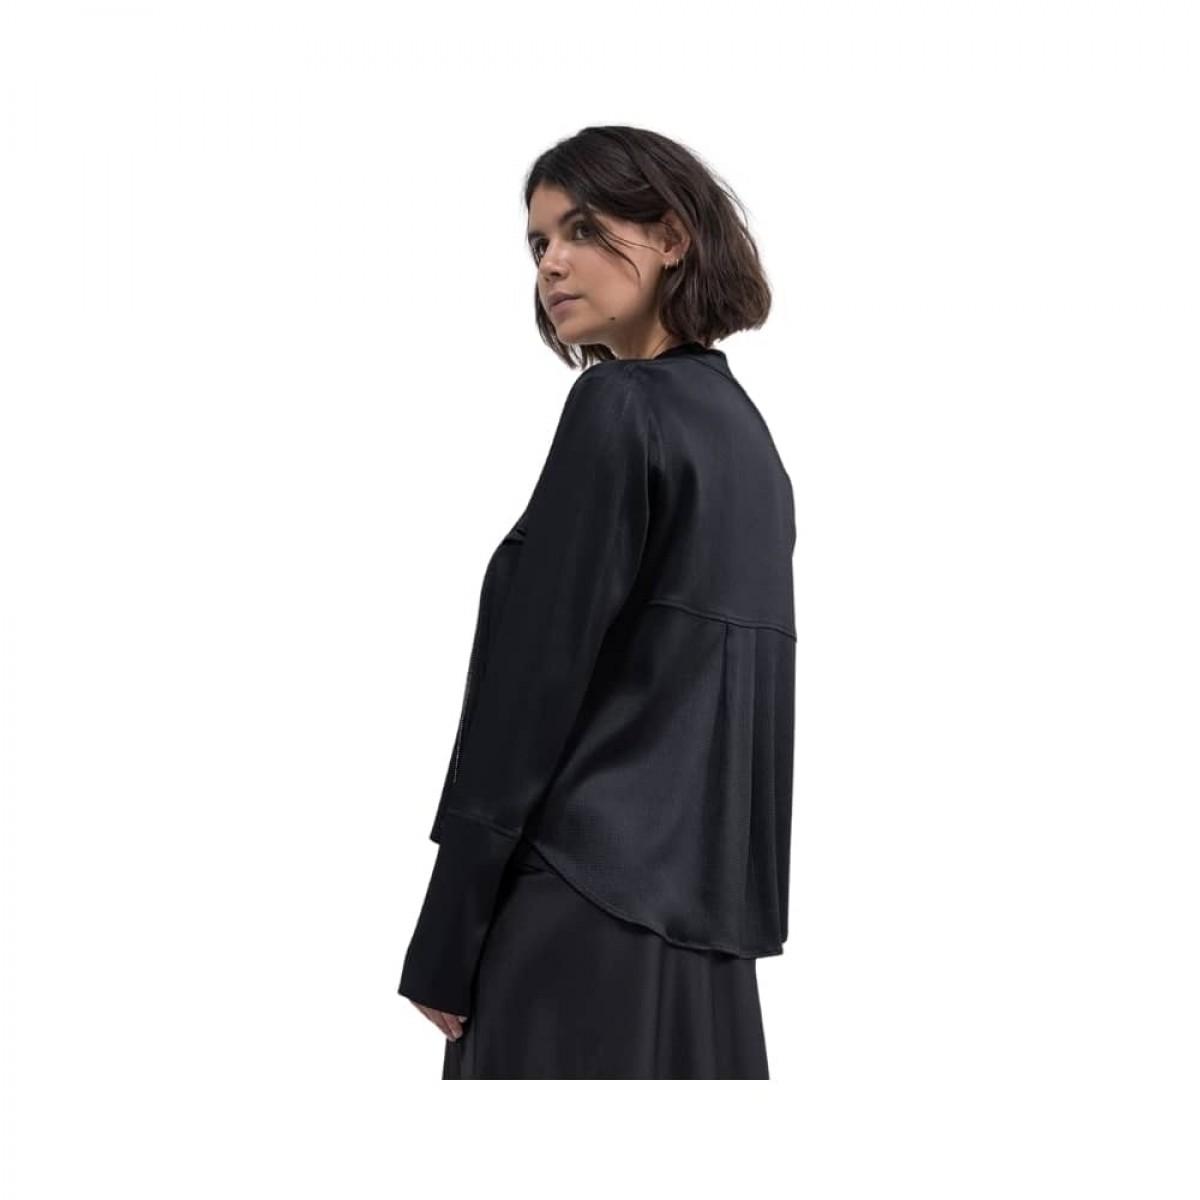 chana hammeres biker jacket - black - model billede fra siden